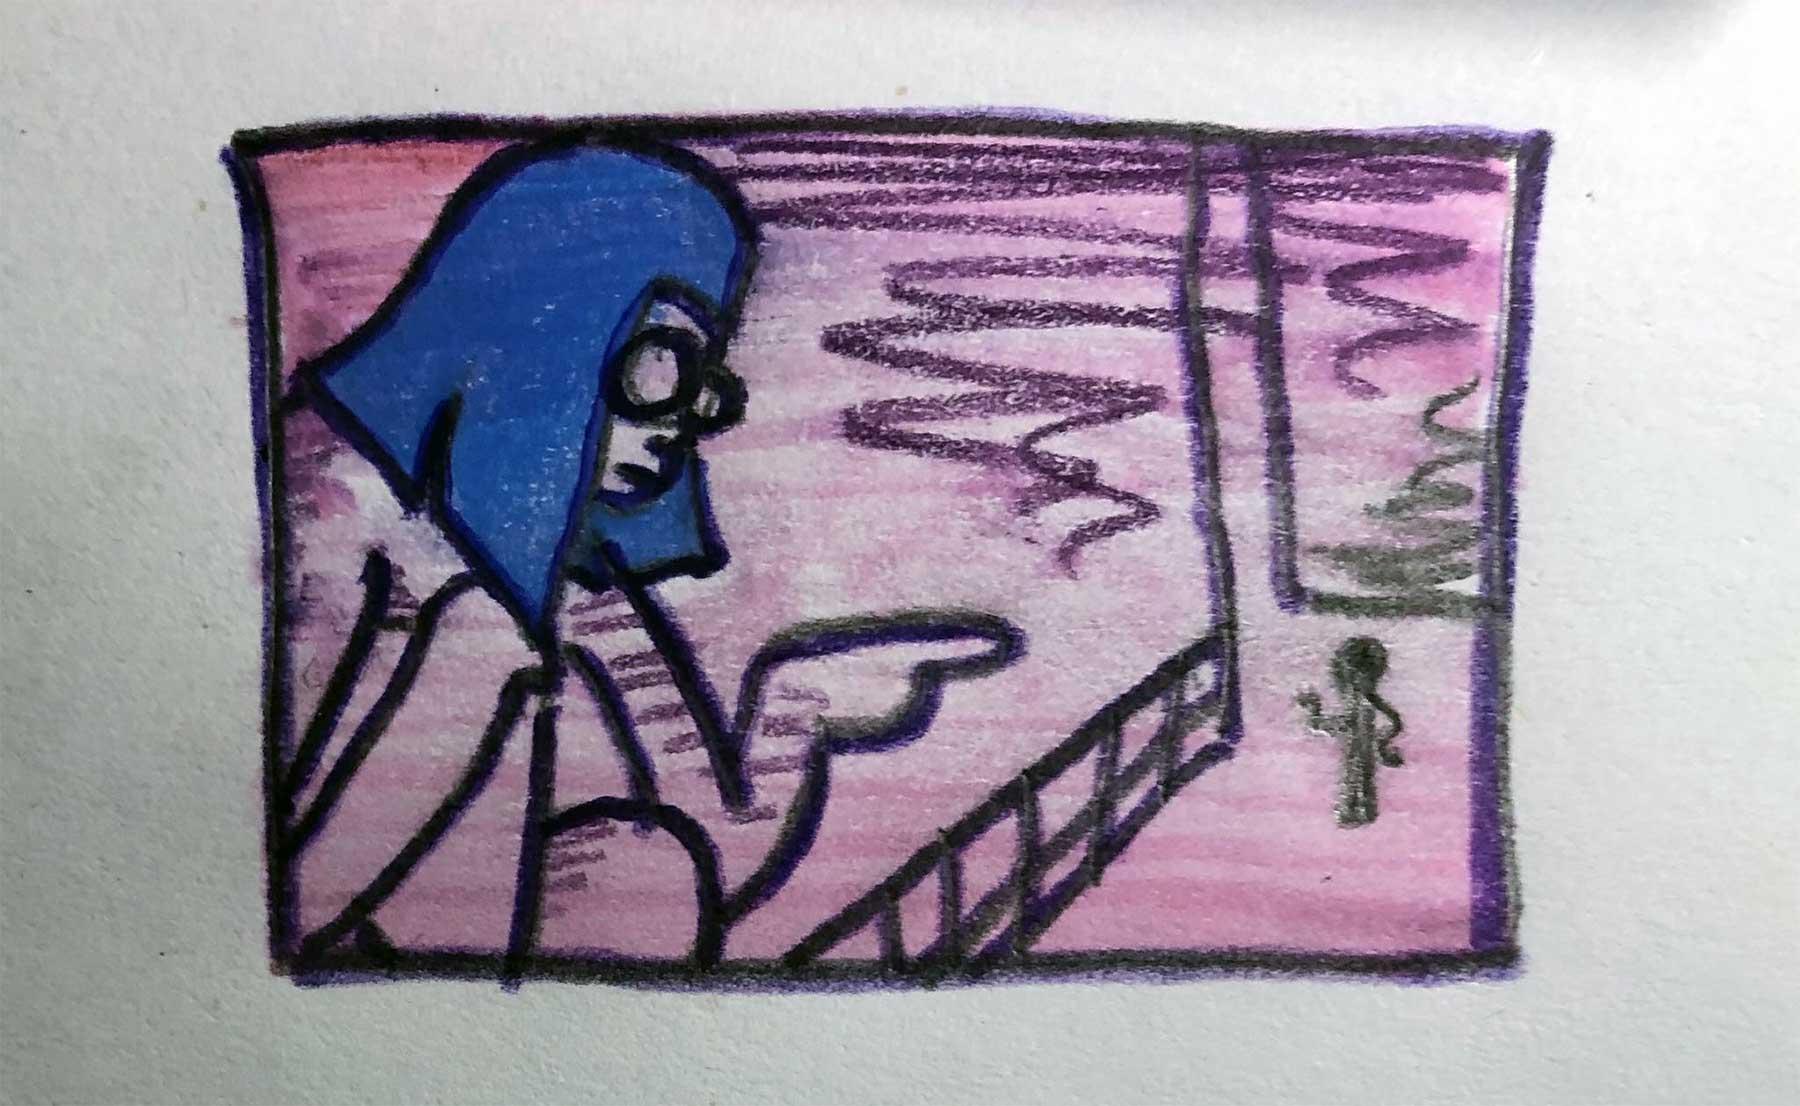 Twitterin @seabitch13 zeichnet großartig plump Filmszenen nach seabitch13-filmszenen-nachgezeichnet_13